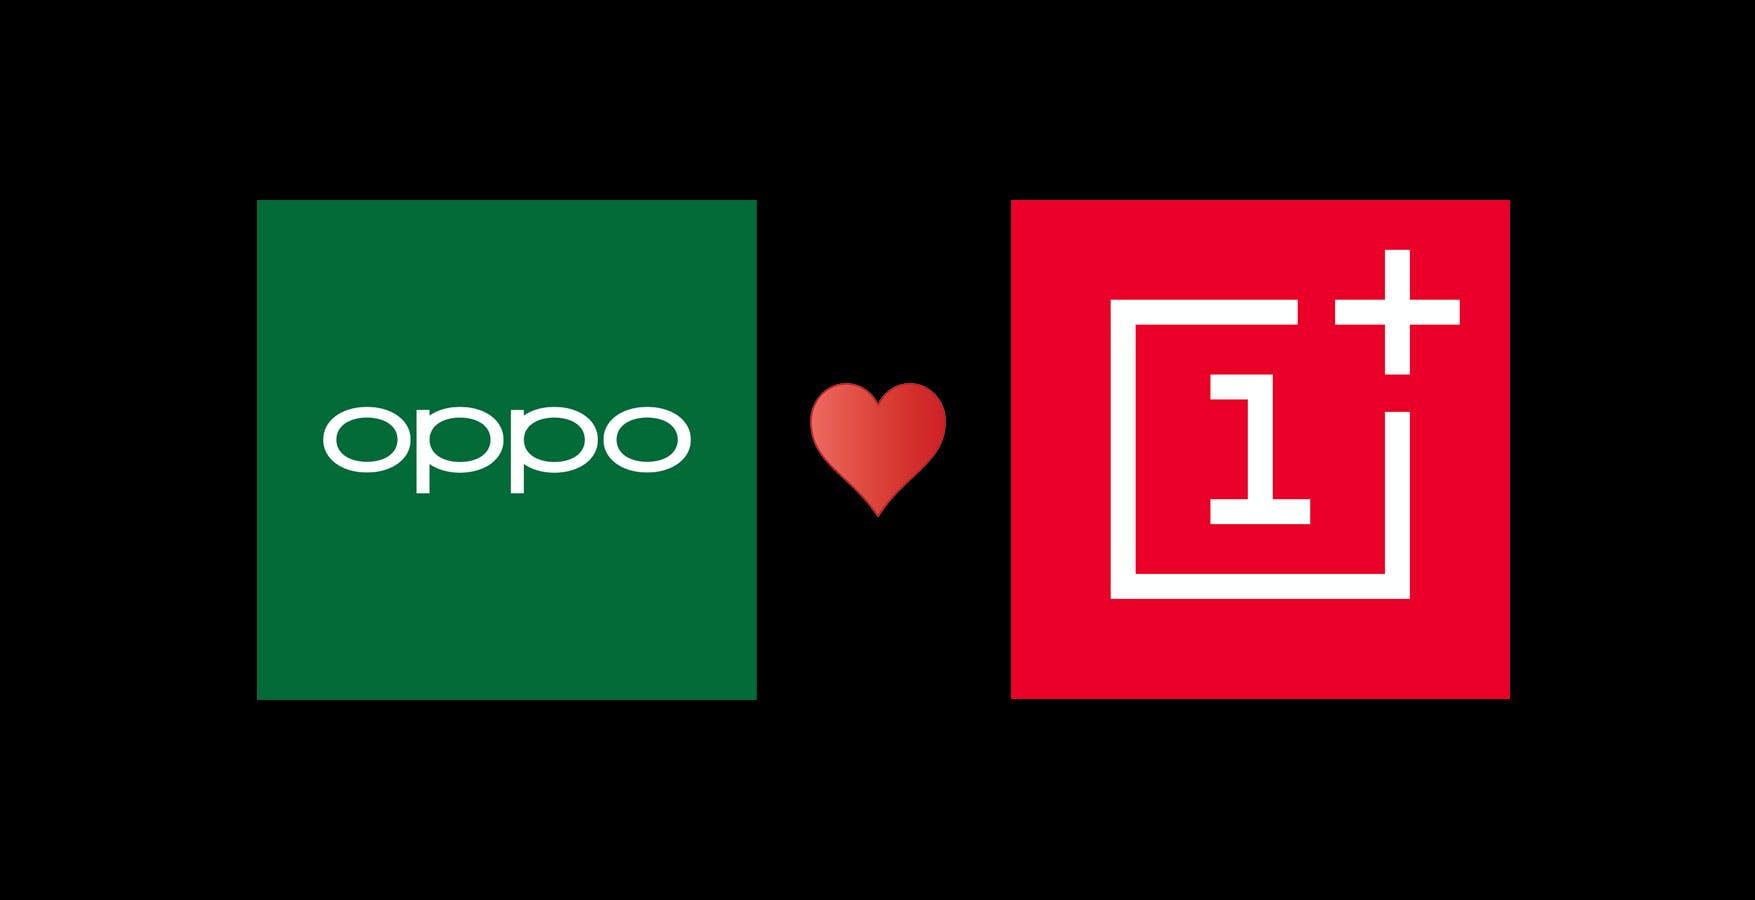 OnePlus e Oppo stanno insieme. L'annuncio ufficiale dopo i pettegolezzi